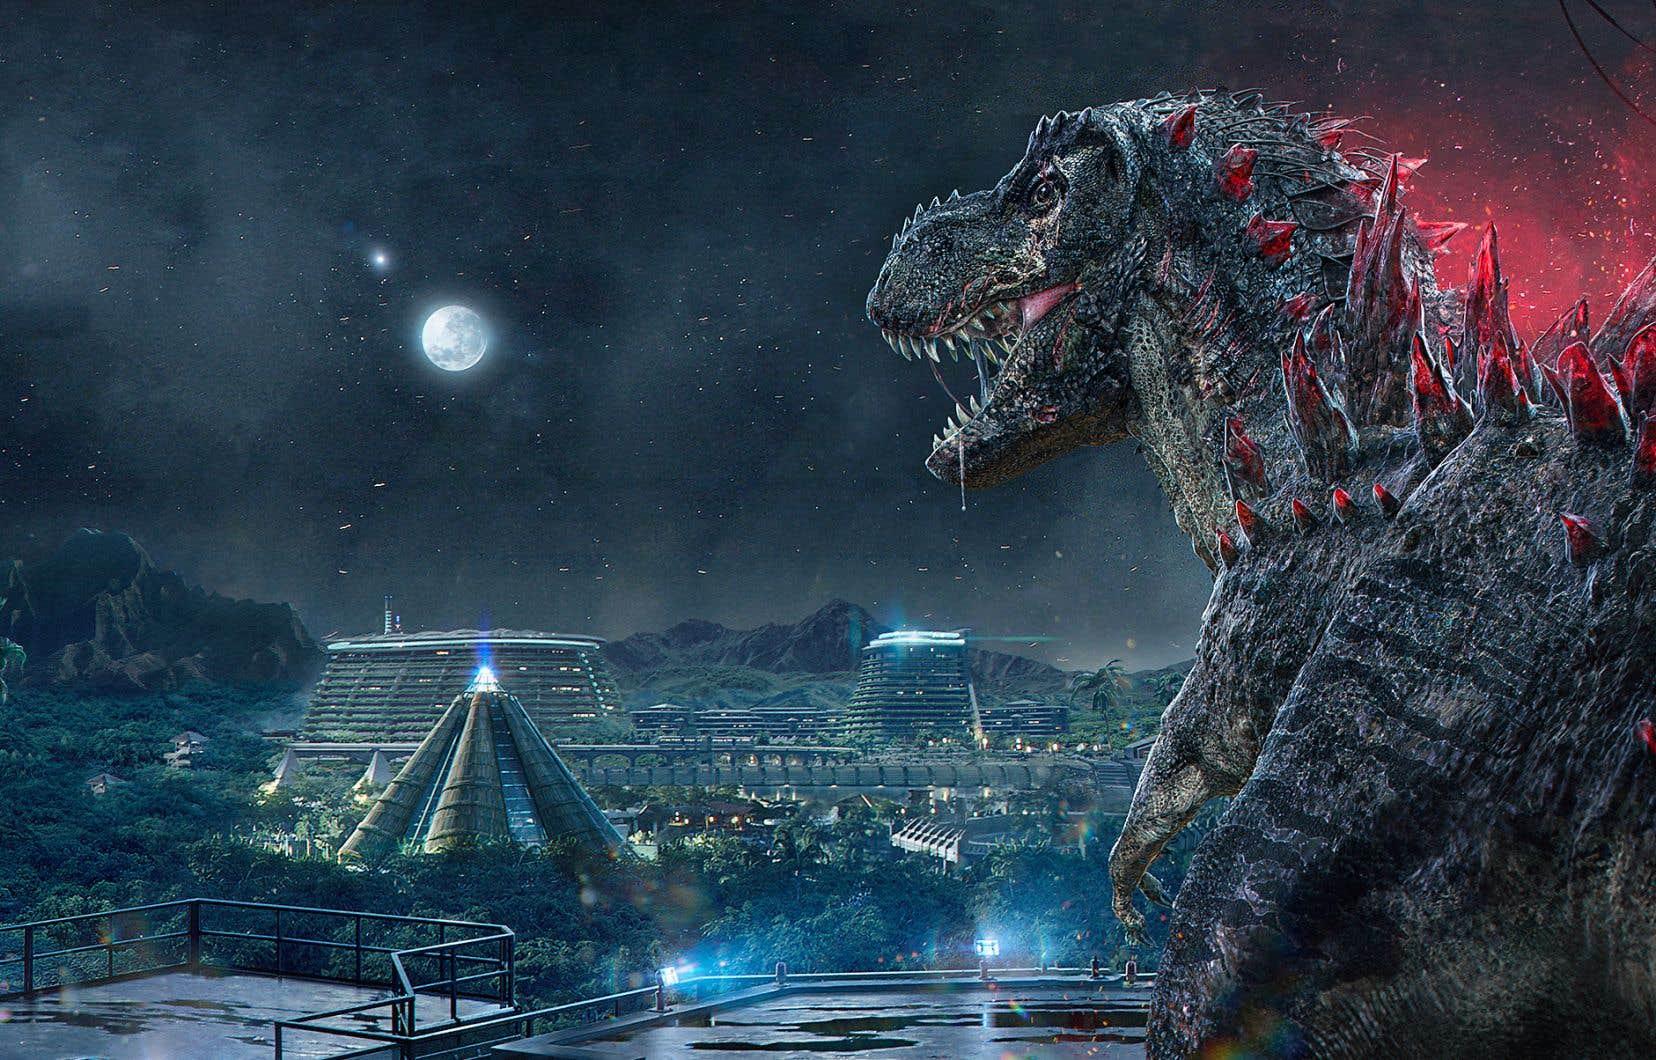 Le studio Ludia est reconnu pour ses jeux vidéo inspirés de grandes marques, dont «Jurassic World».